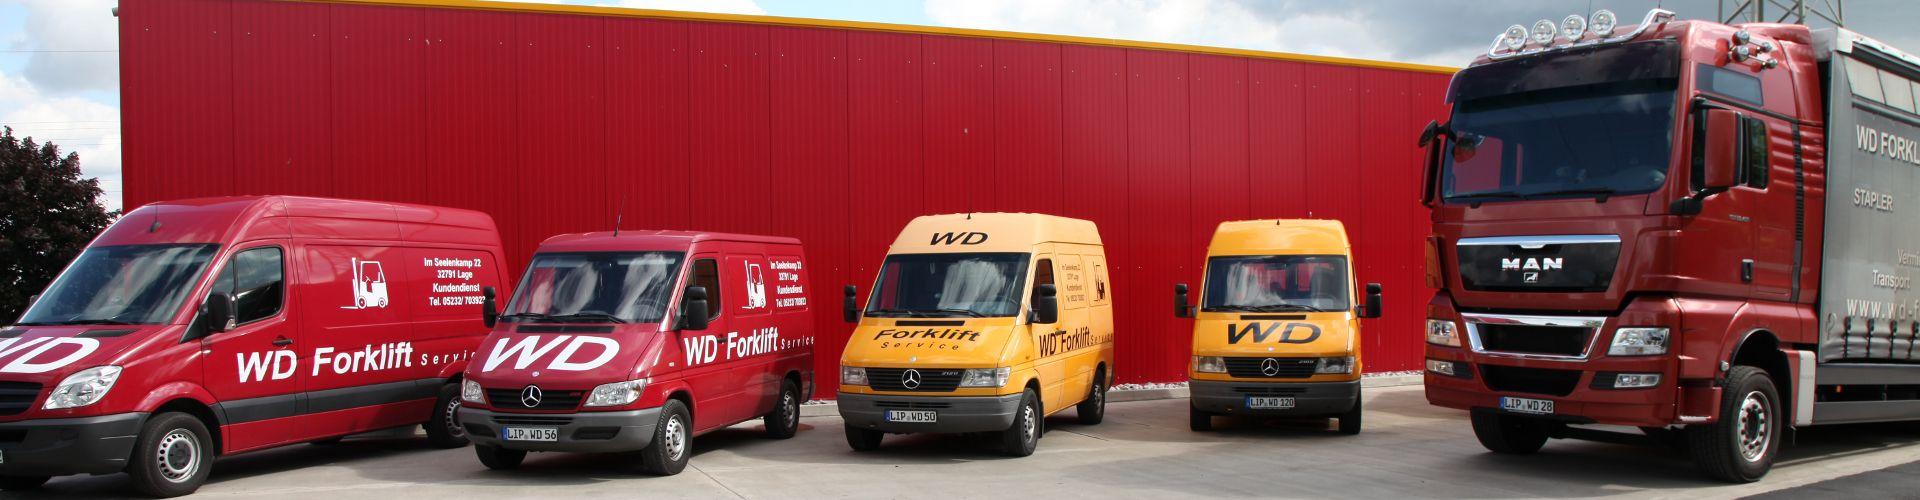 WD-Forklift